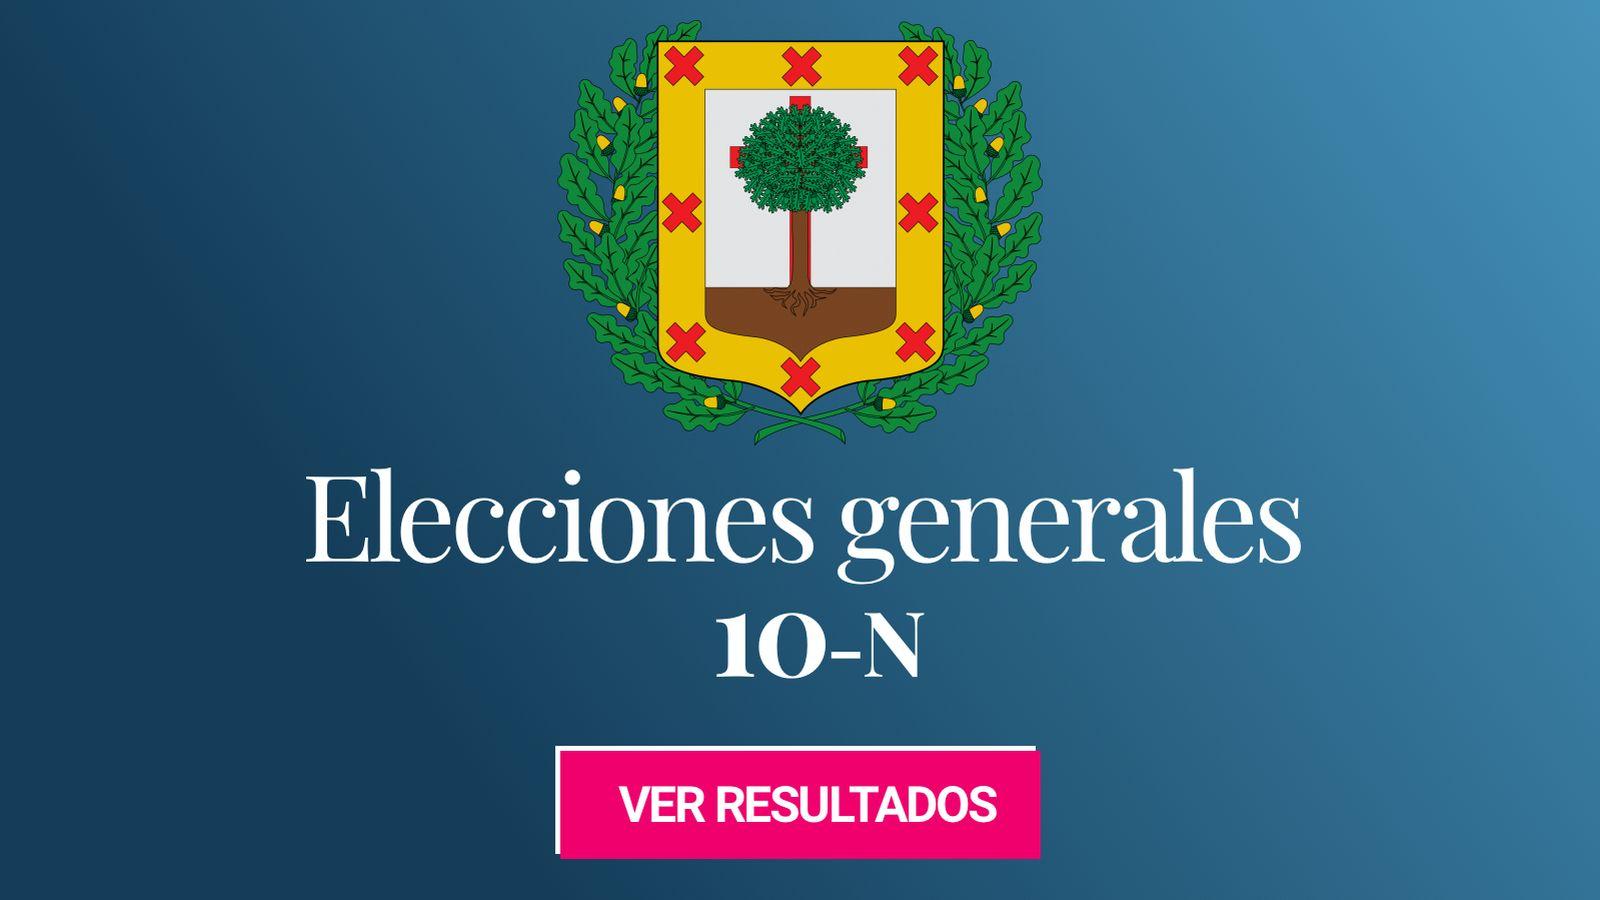 Foto: Elecciones generales 2019 en la provincia de Vizcaya. (C.C./SanchoPanzaXXI)